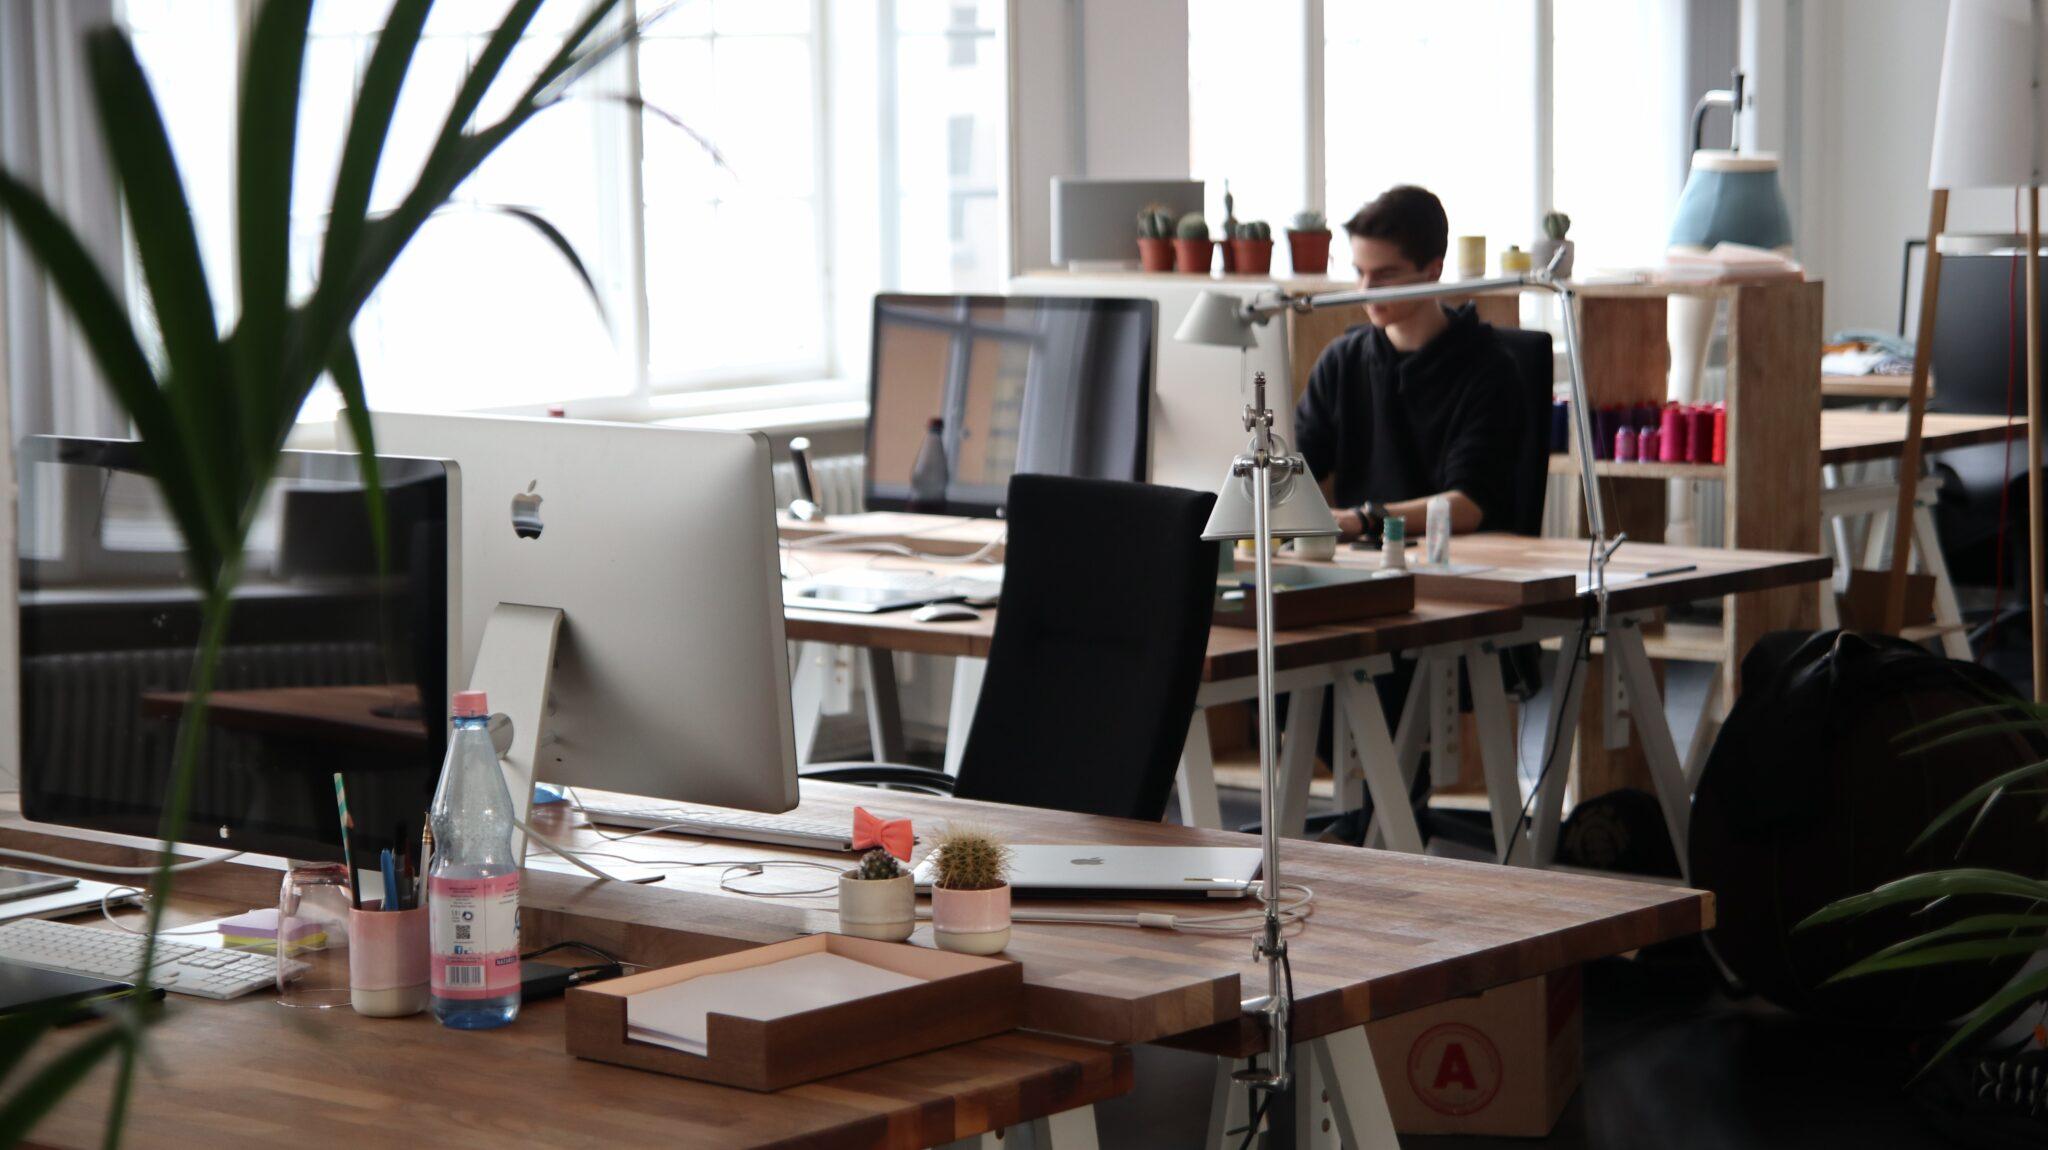 Grote werkgevers gaan na corona kantoorruimte schrappen